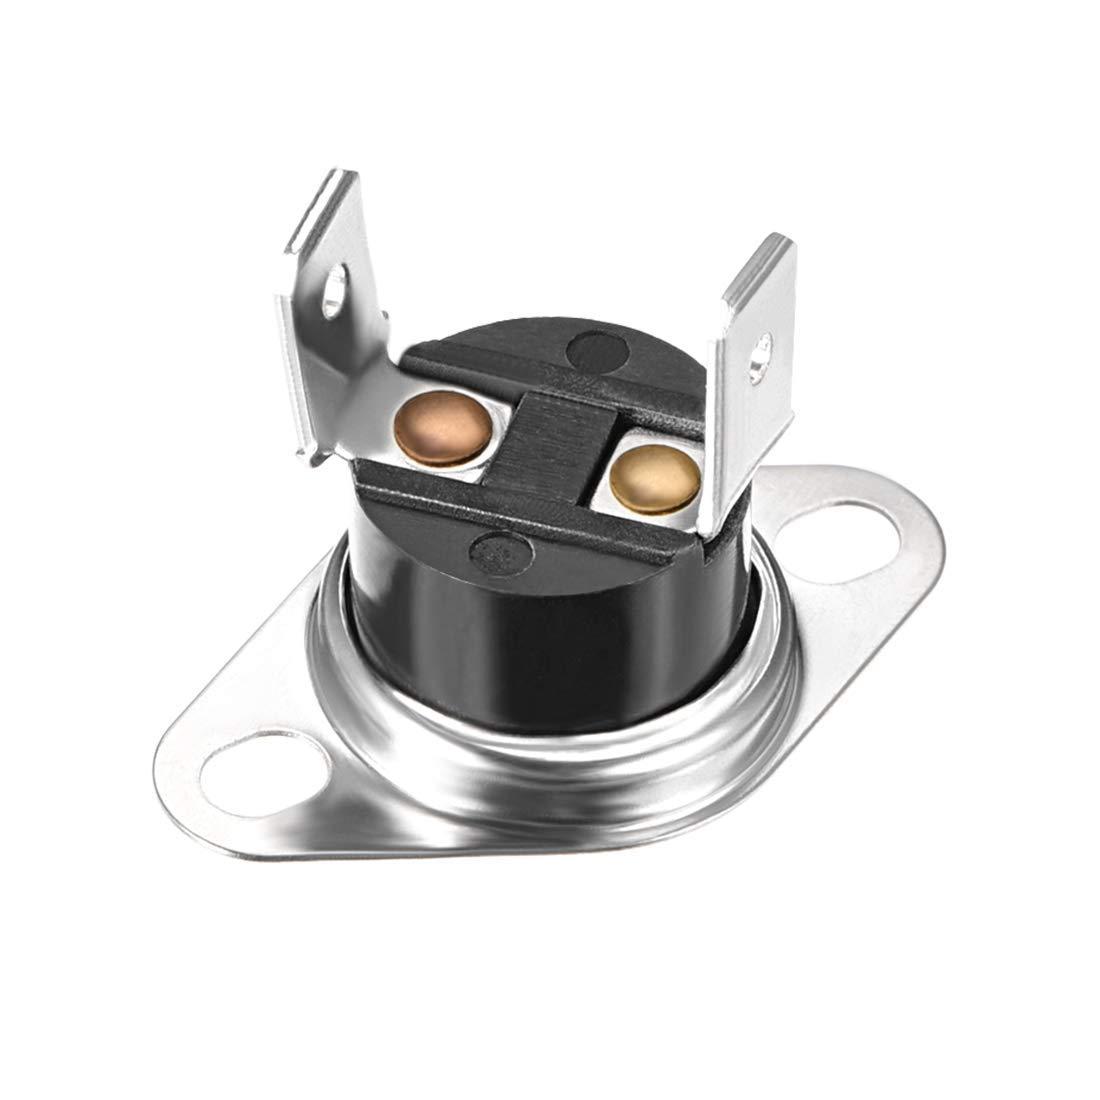 Termostato de 90 /° C 10 A Normalmente abierto N.0 Ajuster Interruptor de Control de L/ímite de Disco Snap Termostato de Microondas Interruptor T/érmico 5 Piezas KSD301